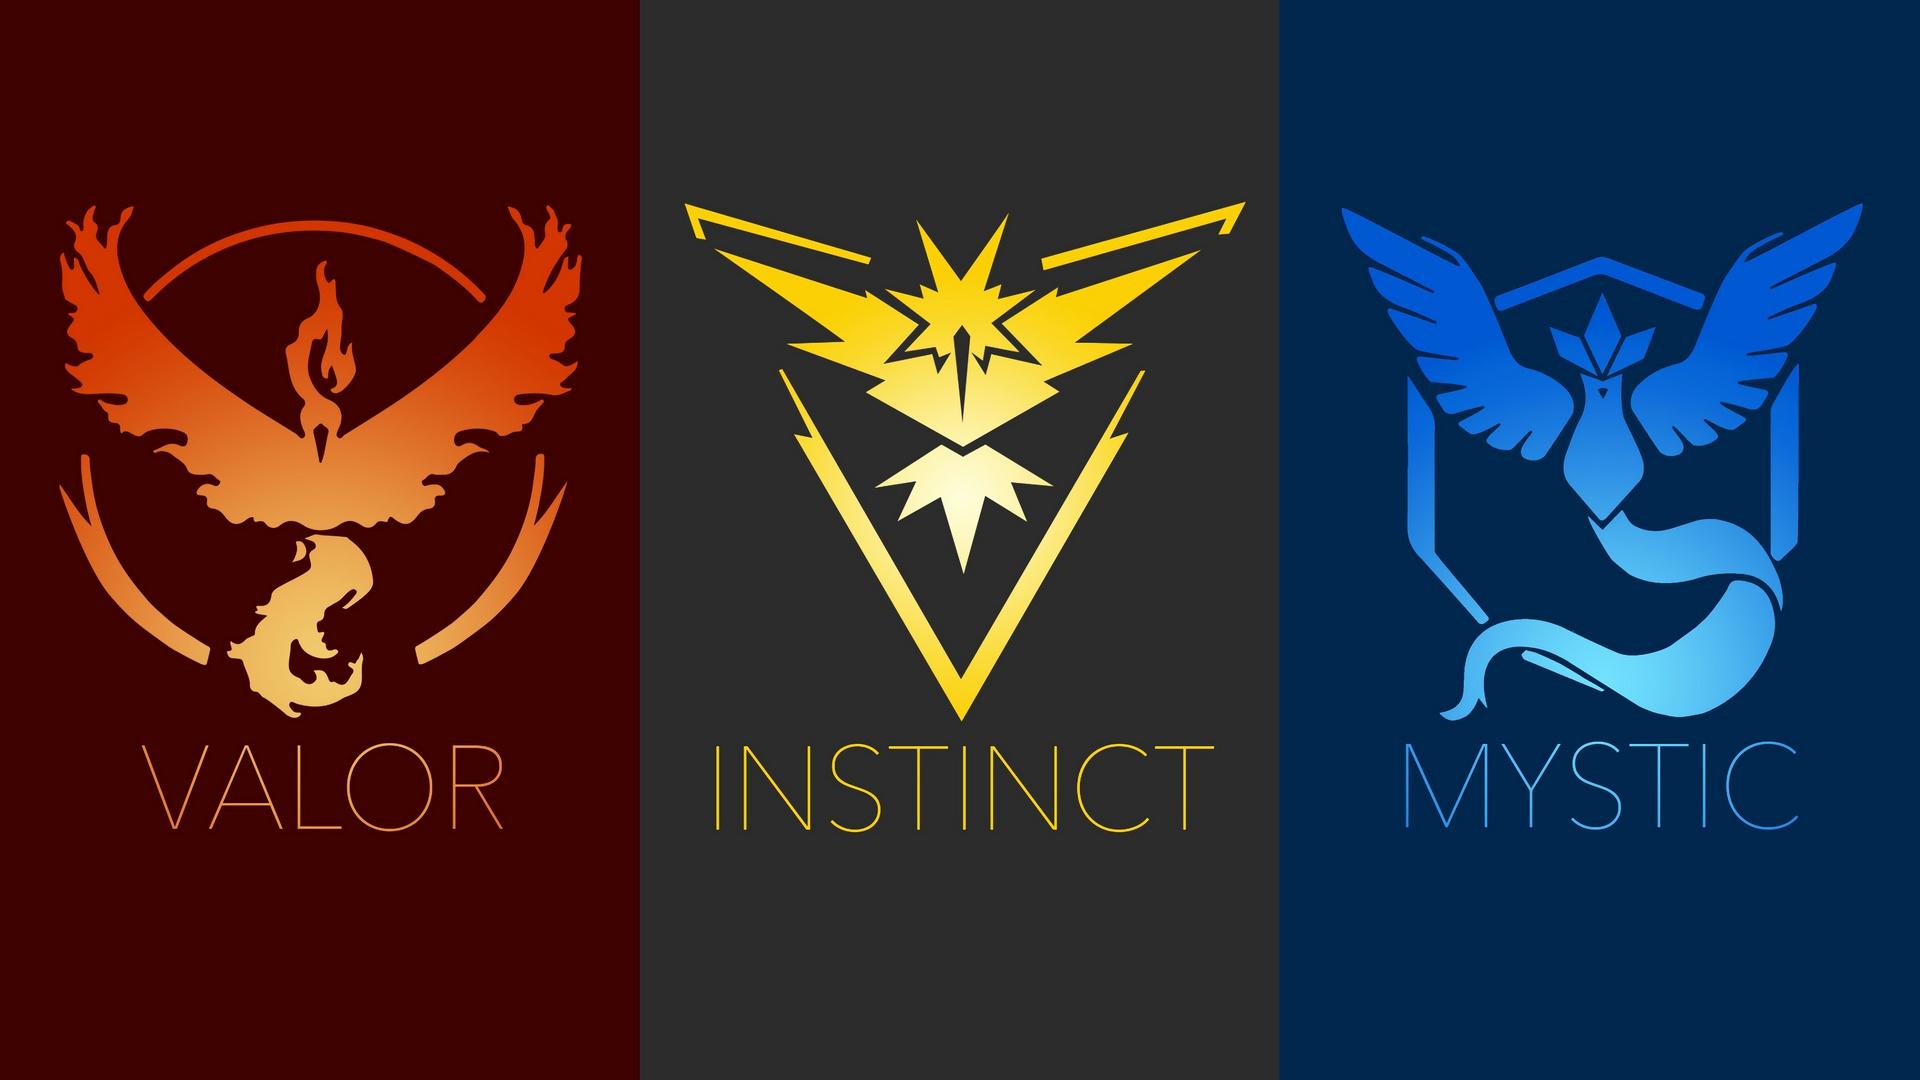 valor-instinct-mystic-pokemon-go-logo-hd